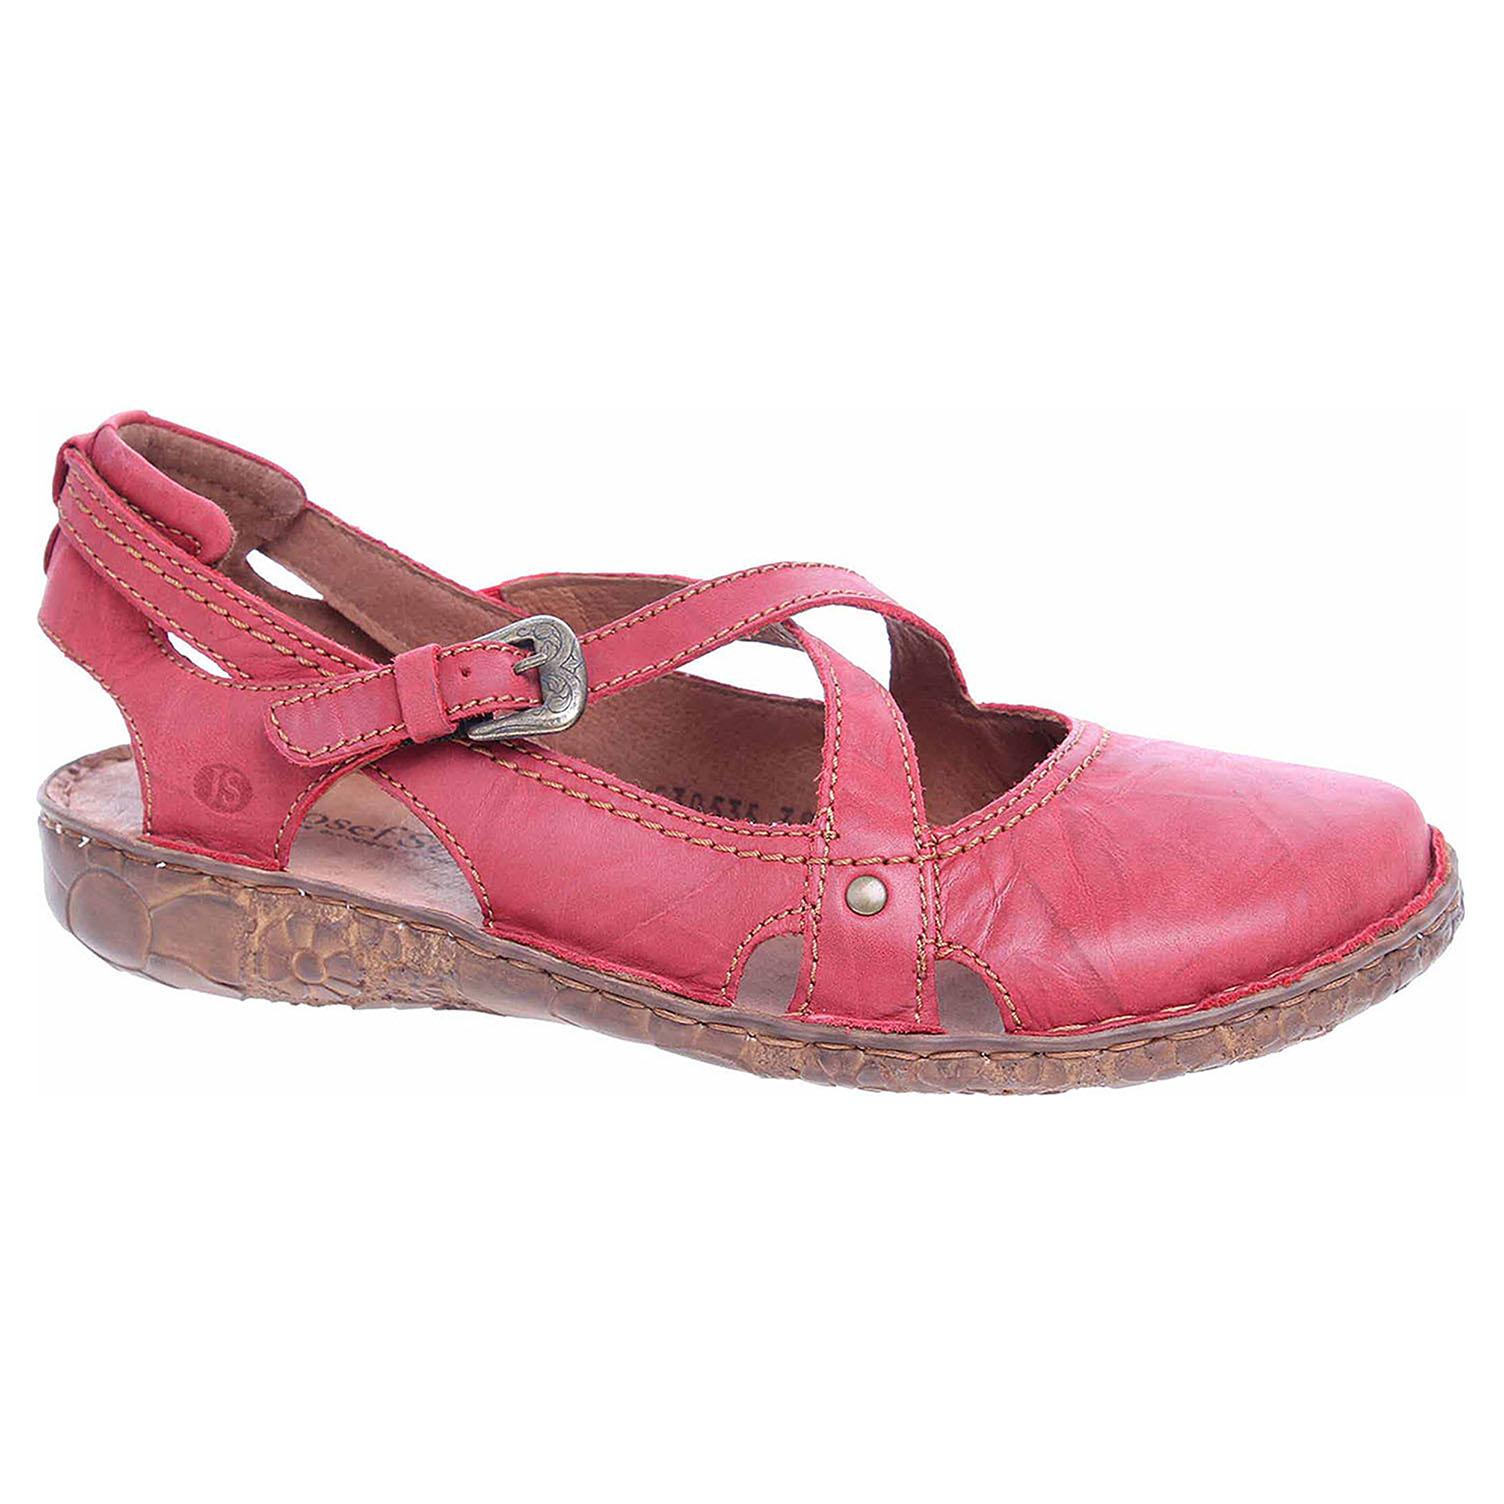 712fe4556bda detail Dámské sandály Josef Seibel 79513 95450 hibiscus